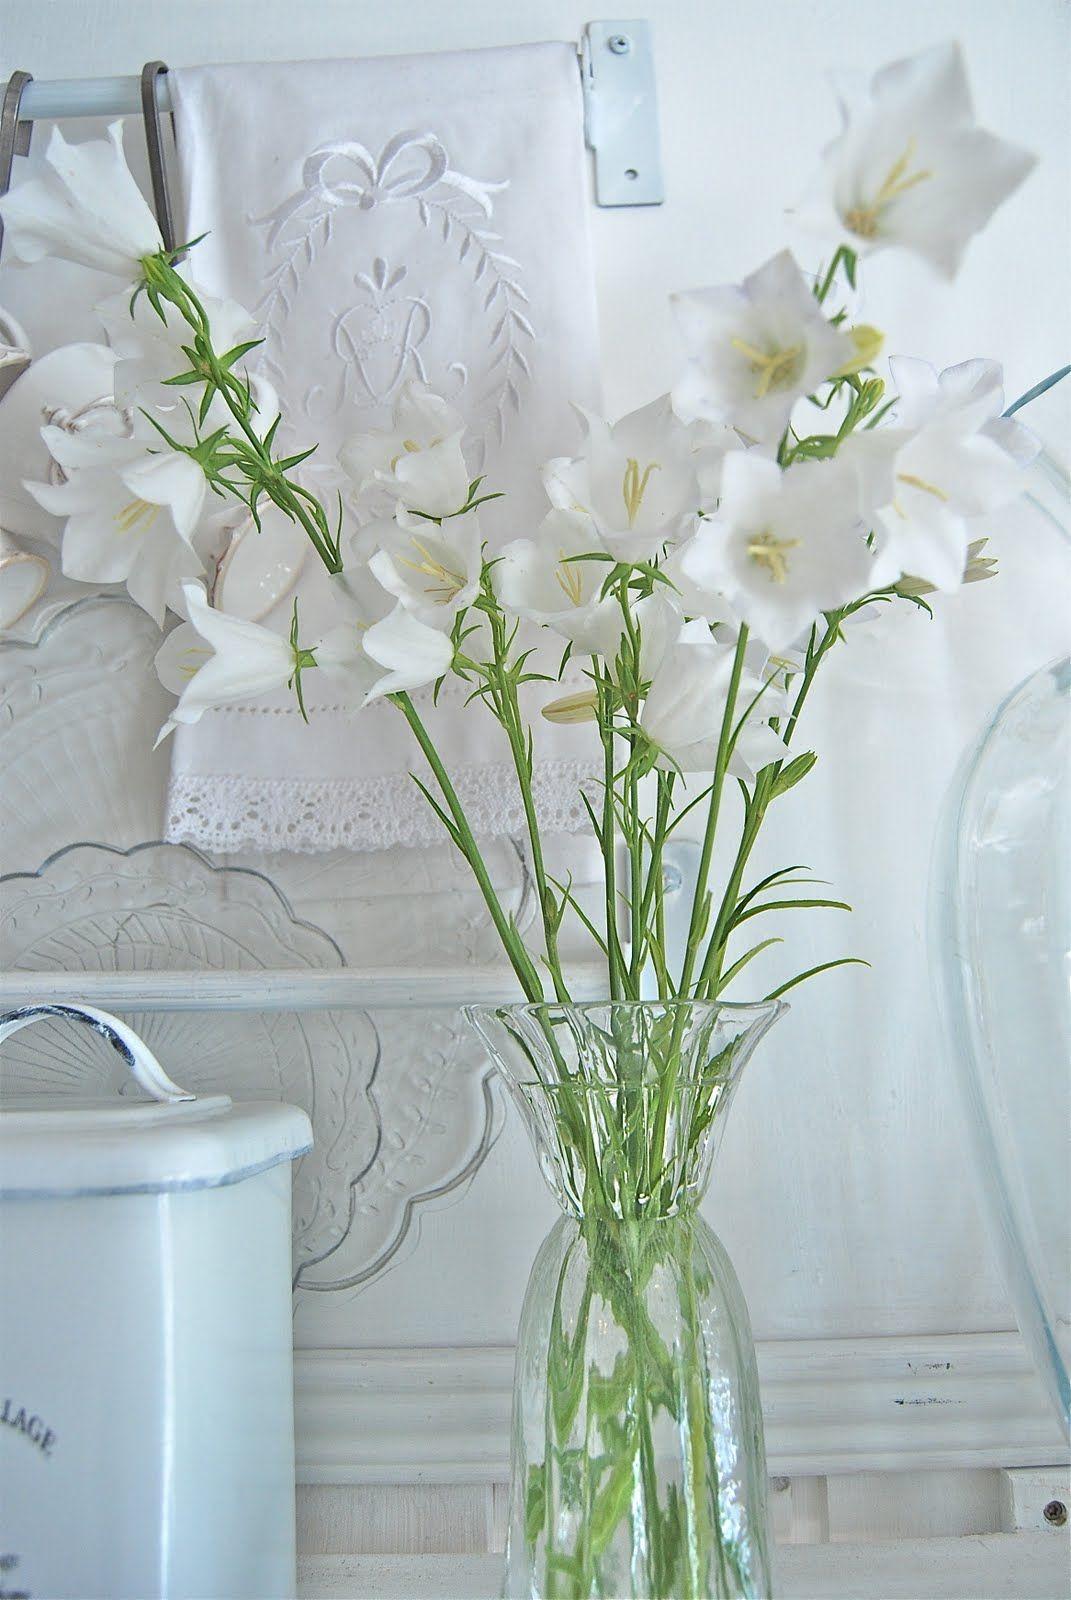 white balloon flowers | Flora | Pinterest | White balloons, Balloon ...